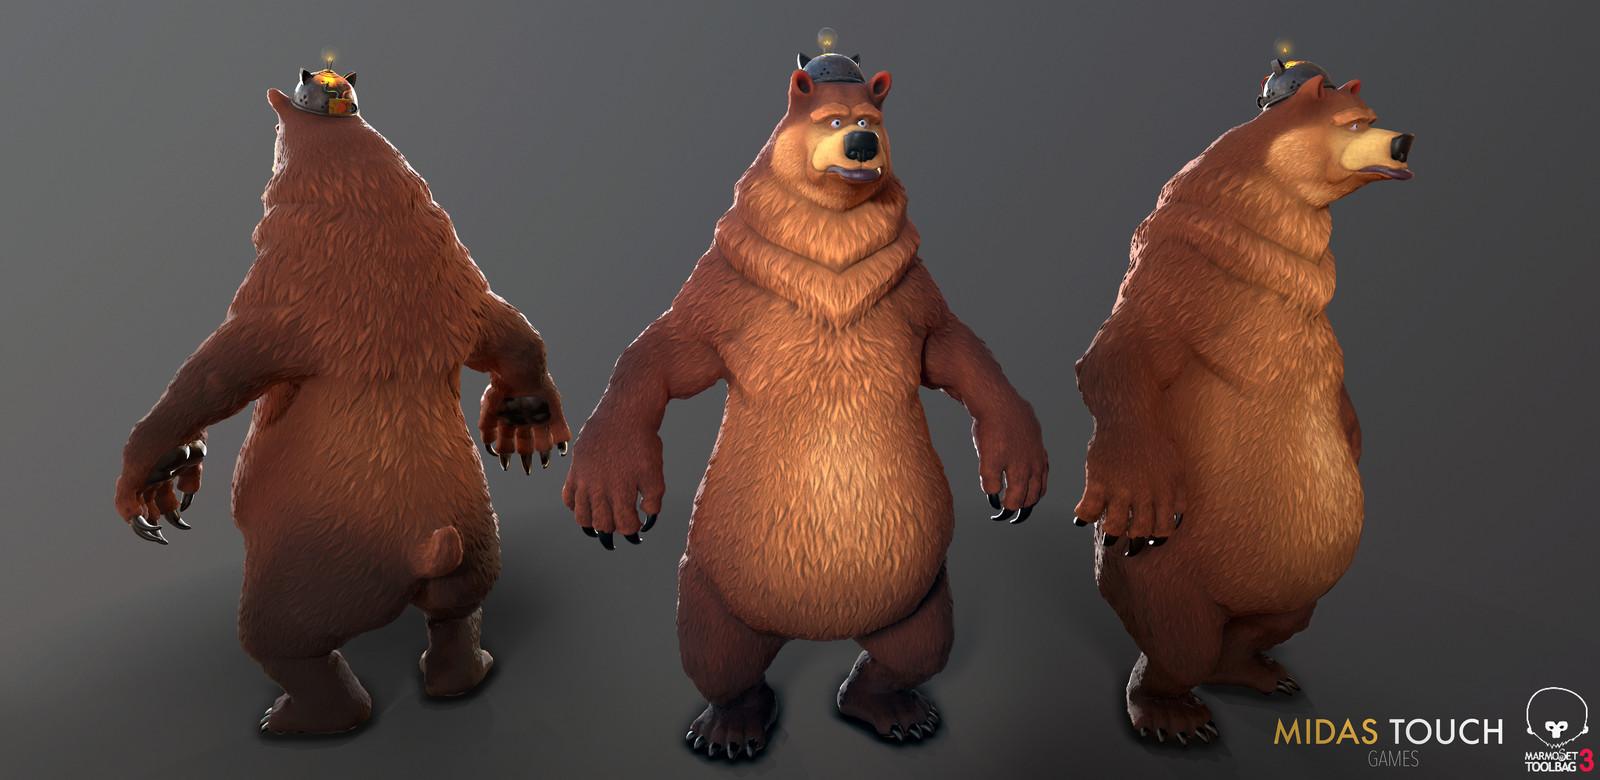 Remo - A remote-control bear